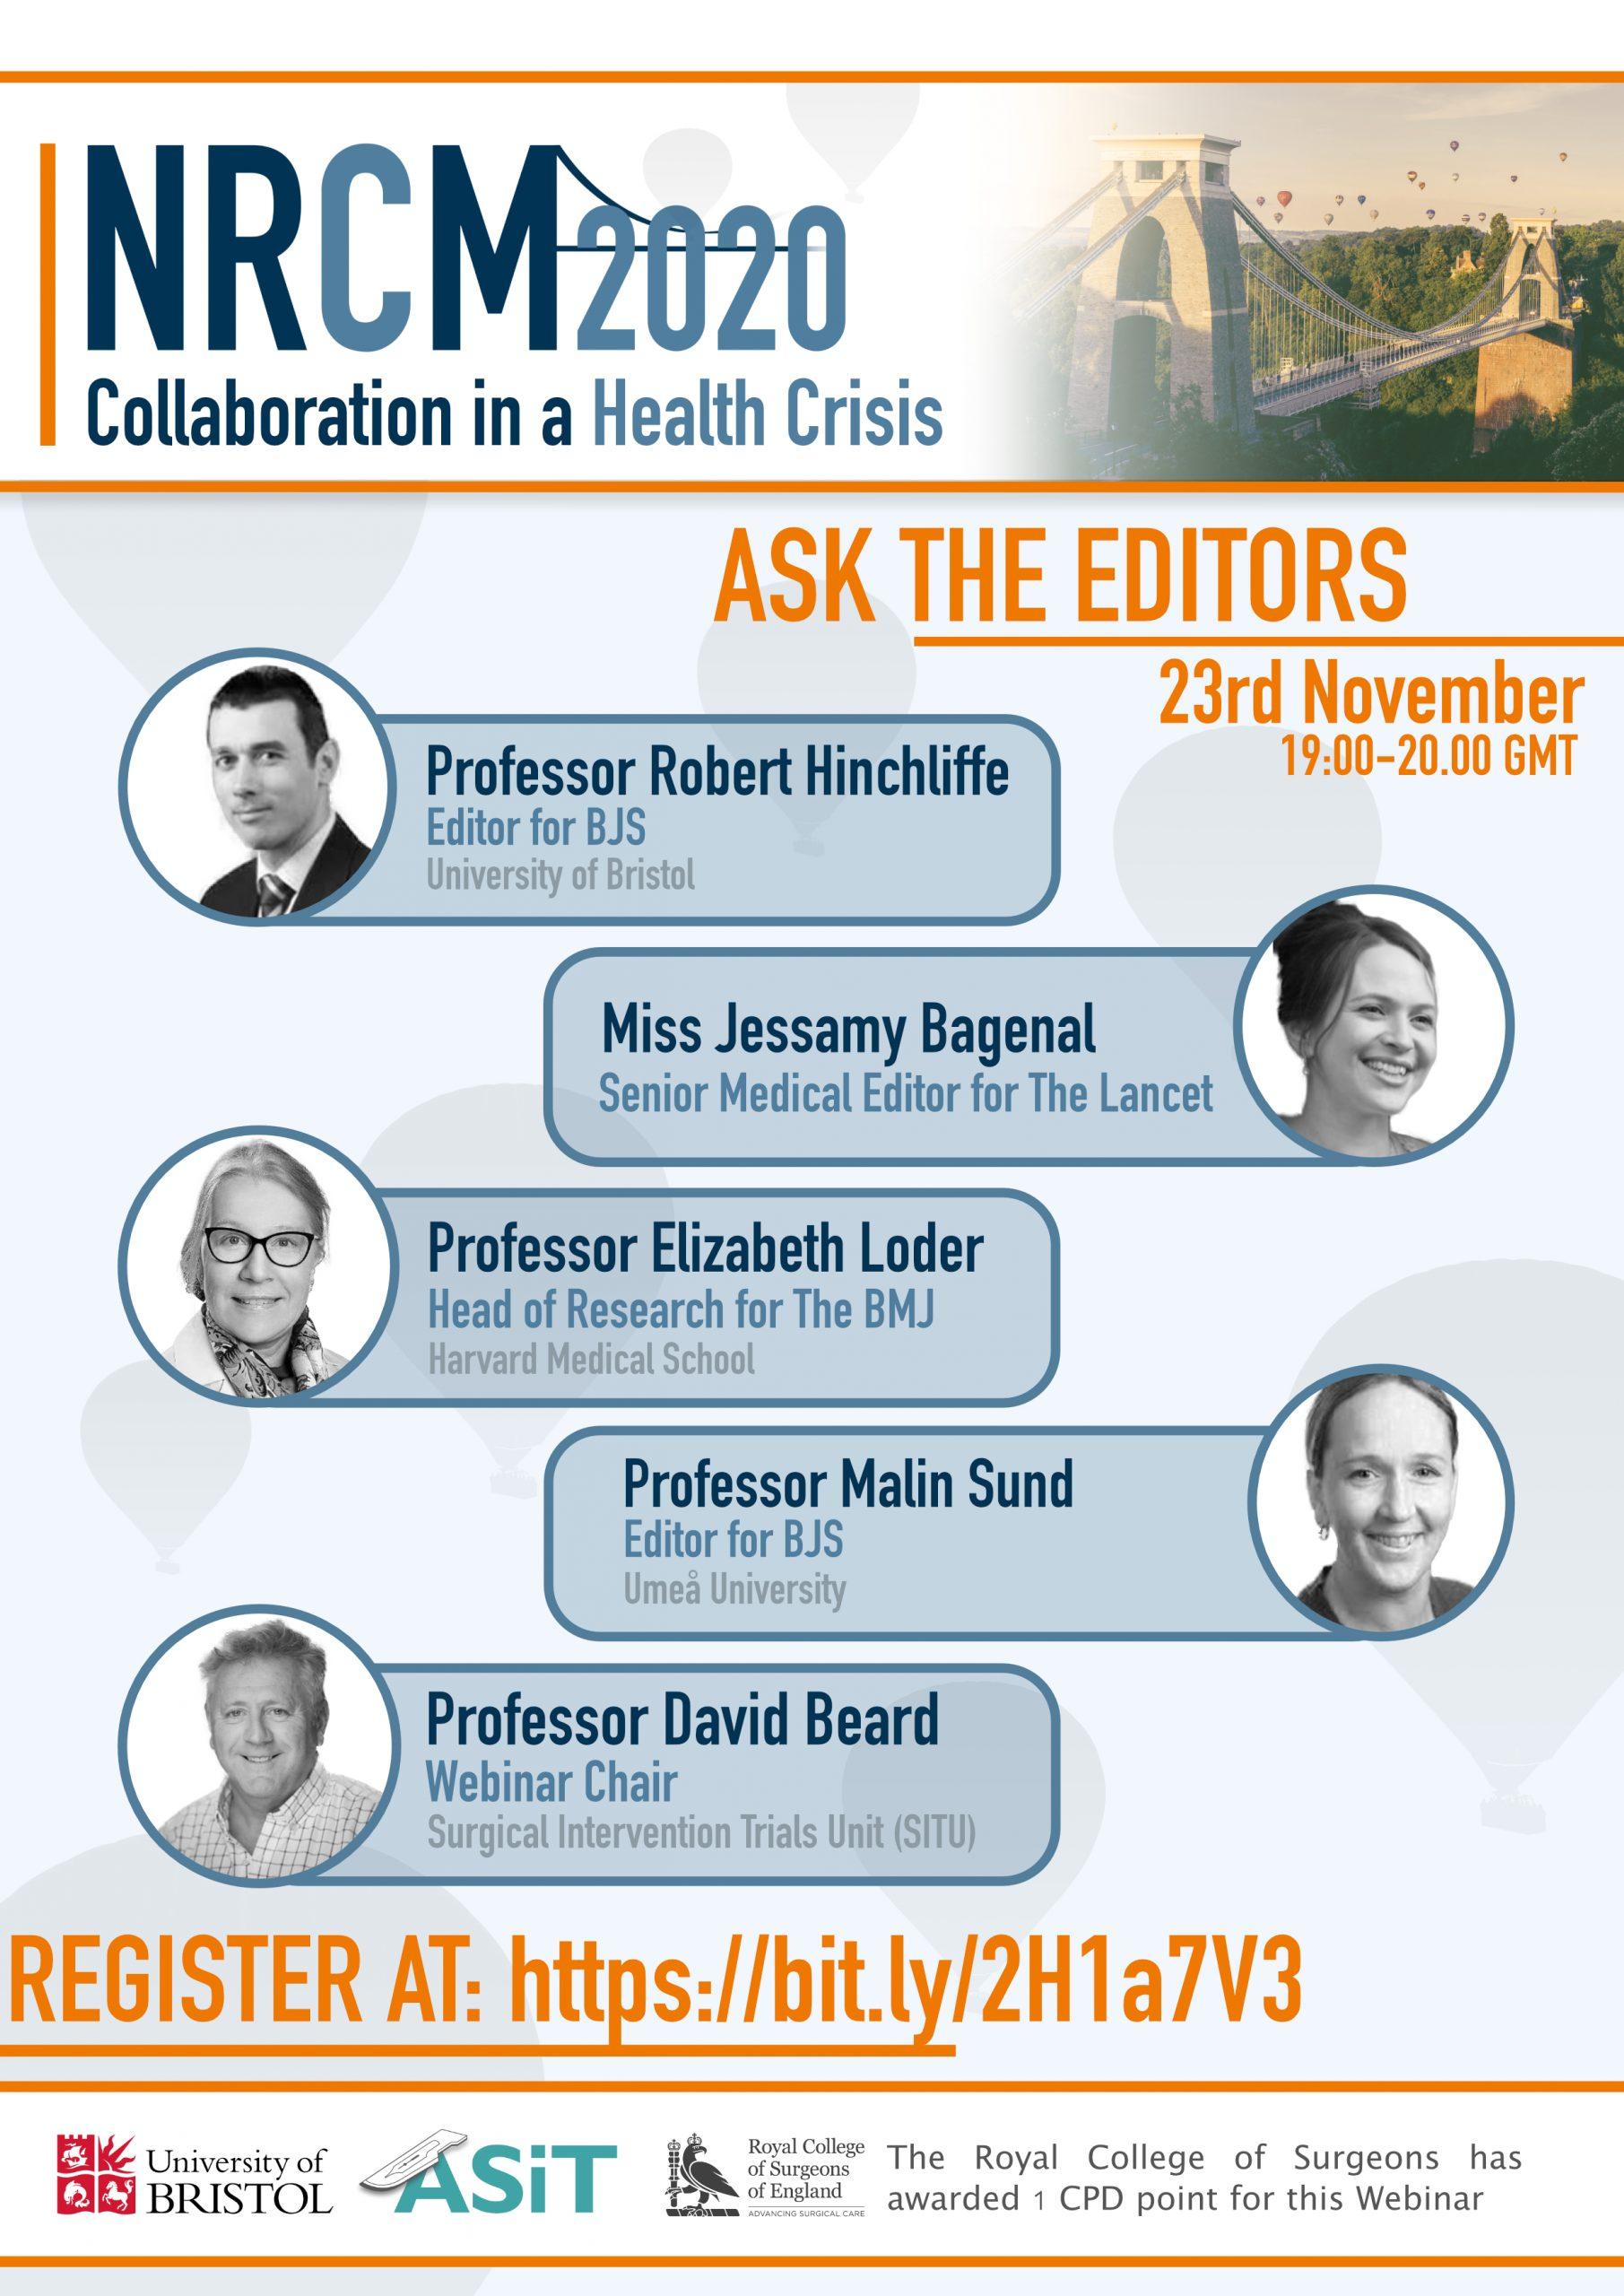 Ask the Editors